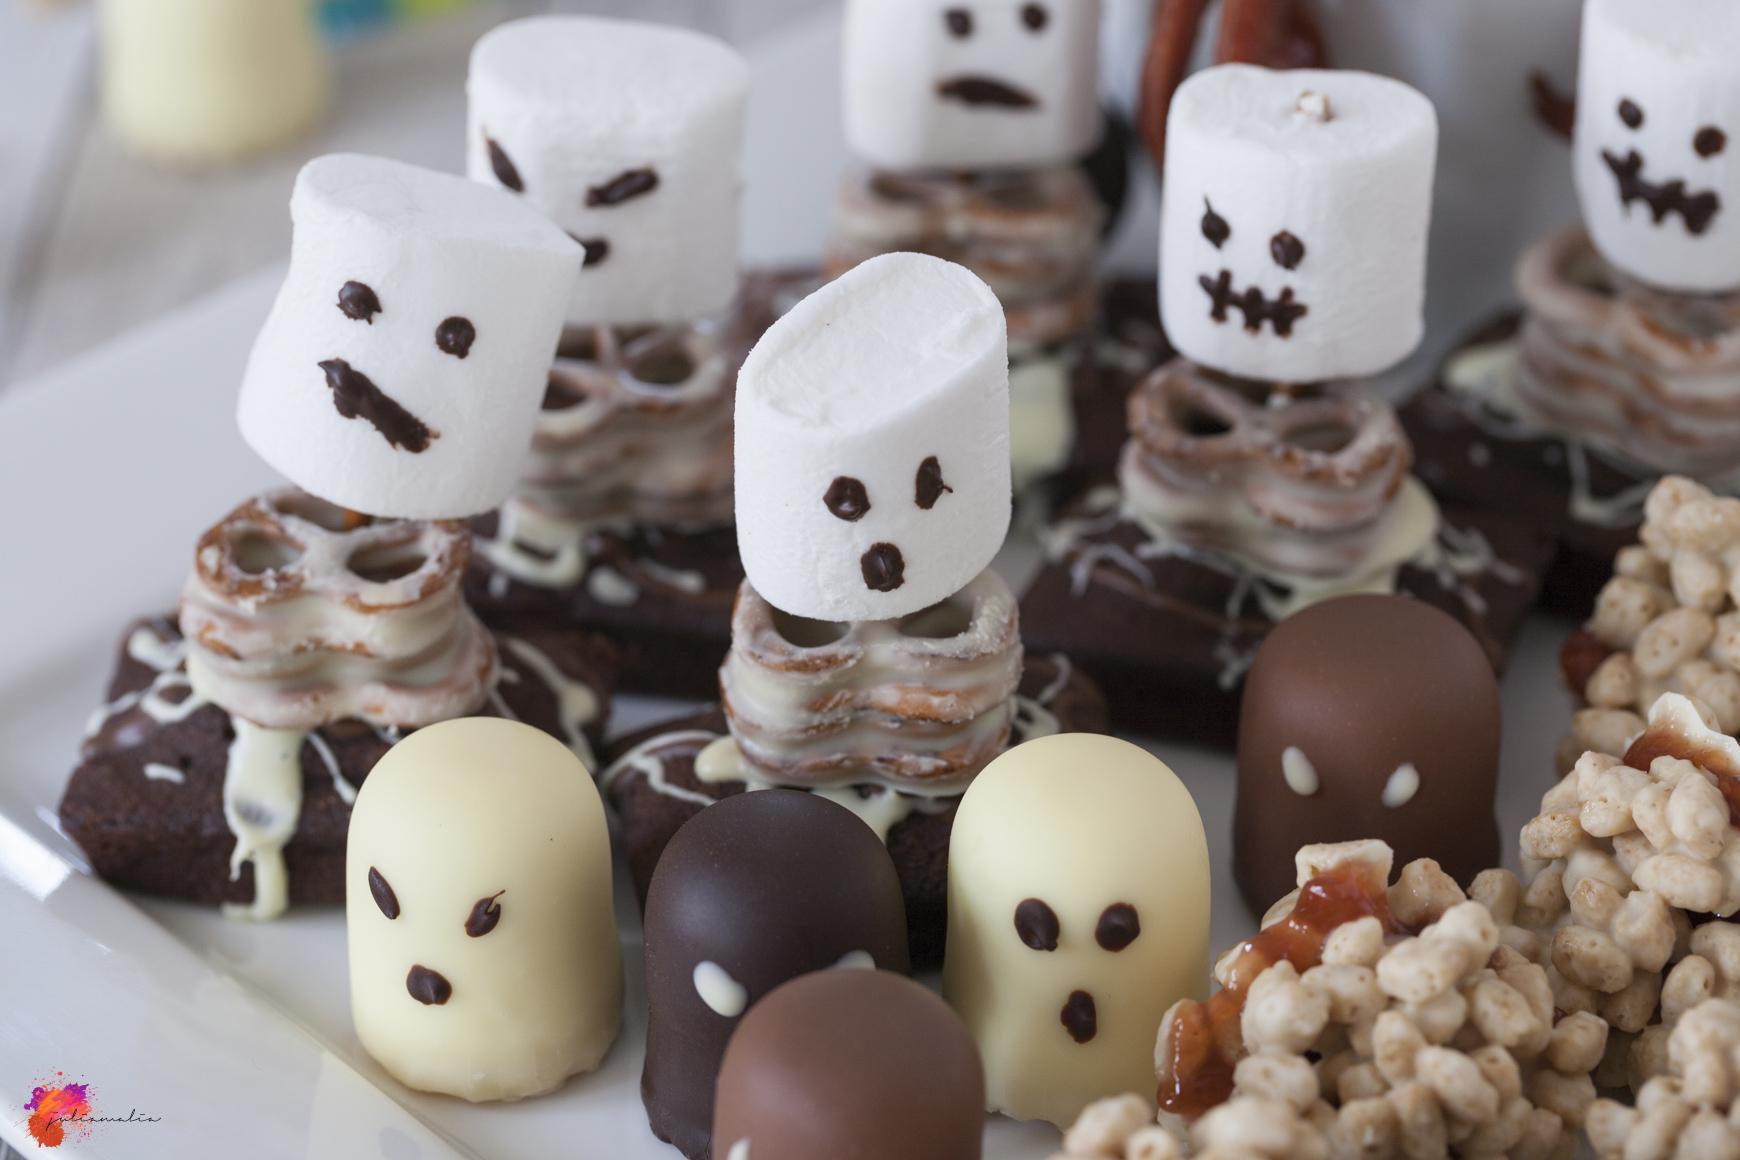 Grusel Ideen zu Halloween